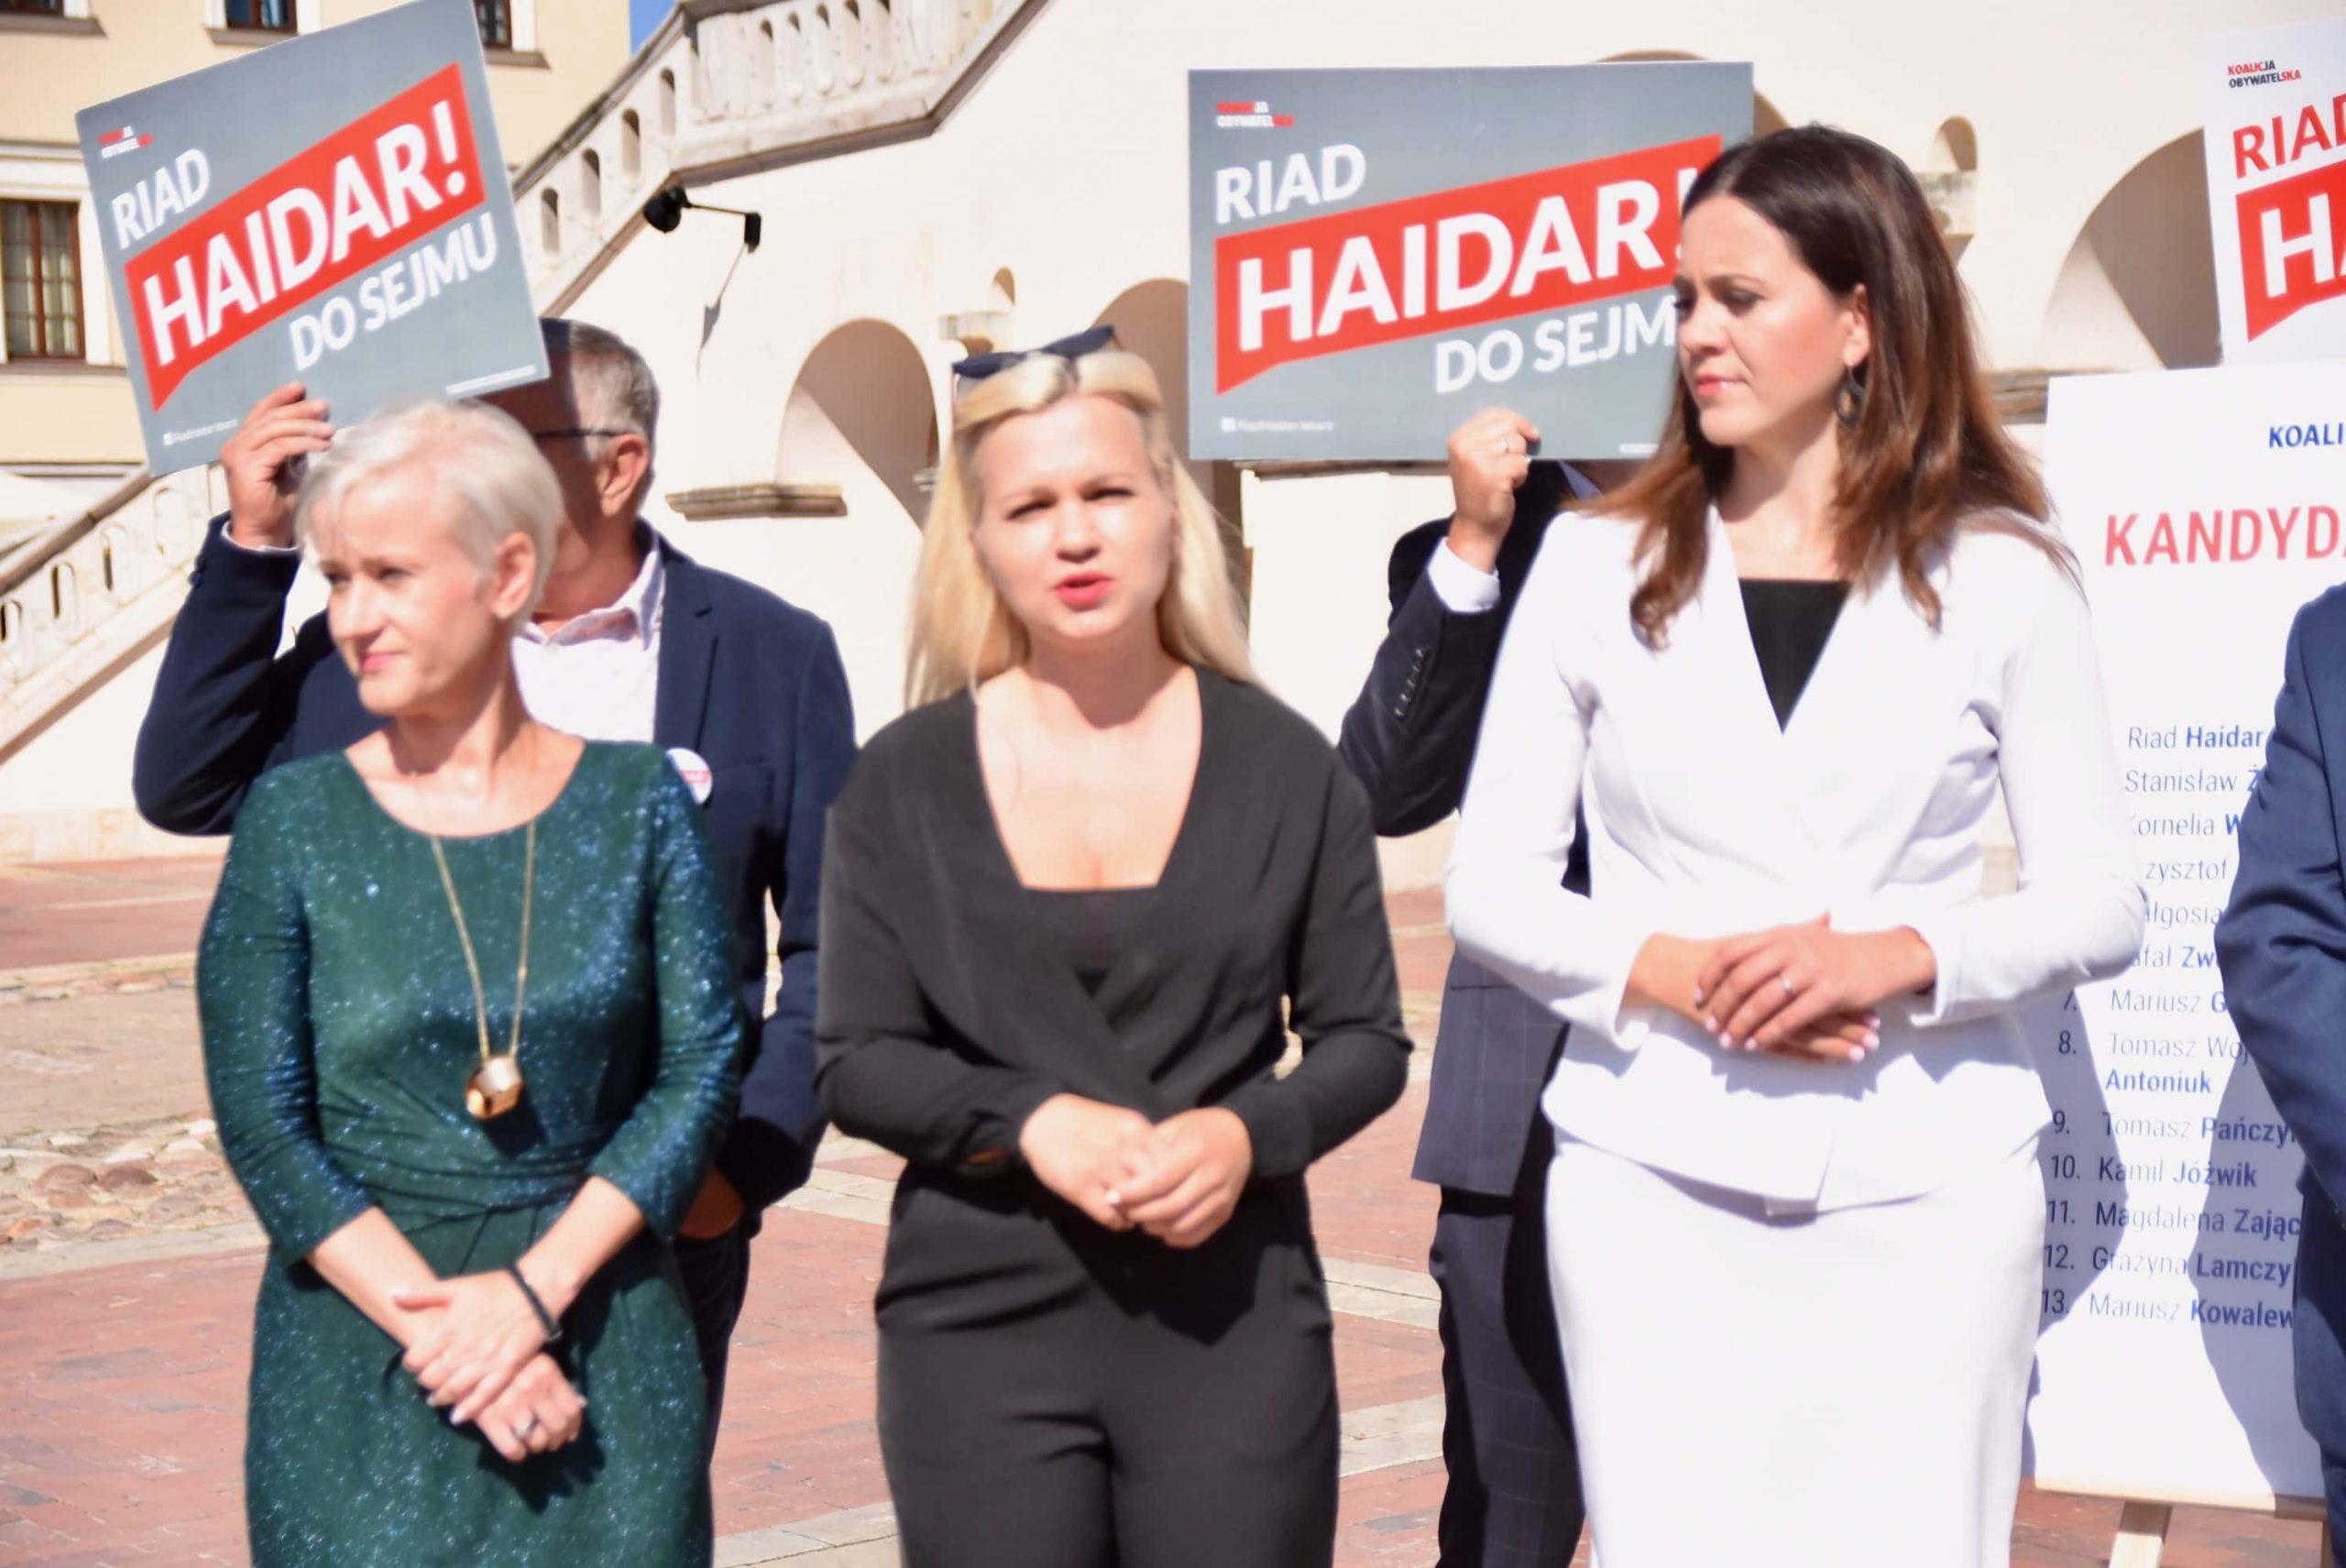 dsc 6588 scaled Zamość: Koalicja Obywatelska przedstawiła kandydatów do sejmu z okręgu nr 7 [ZDJĘCIA, FILM]